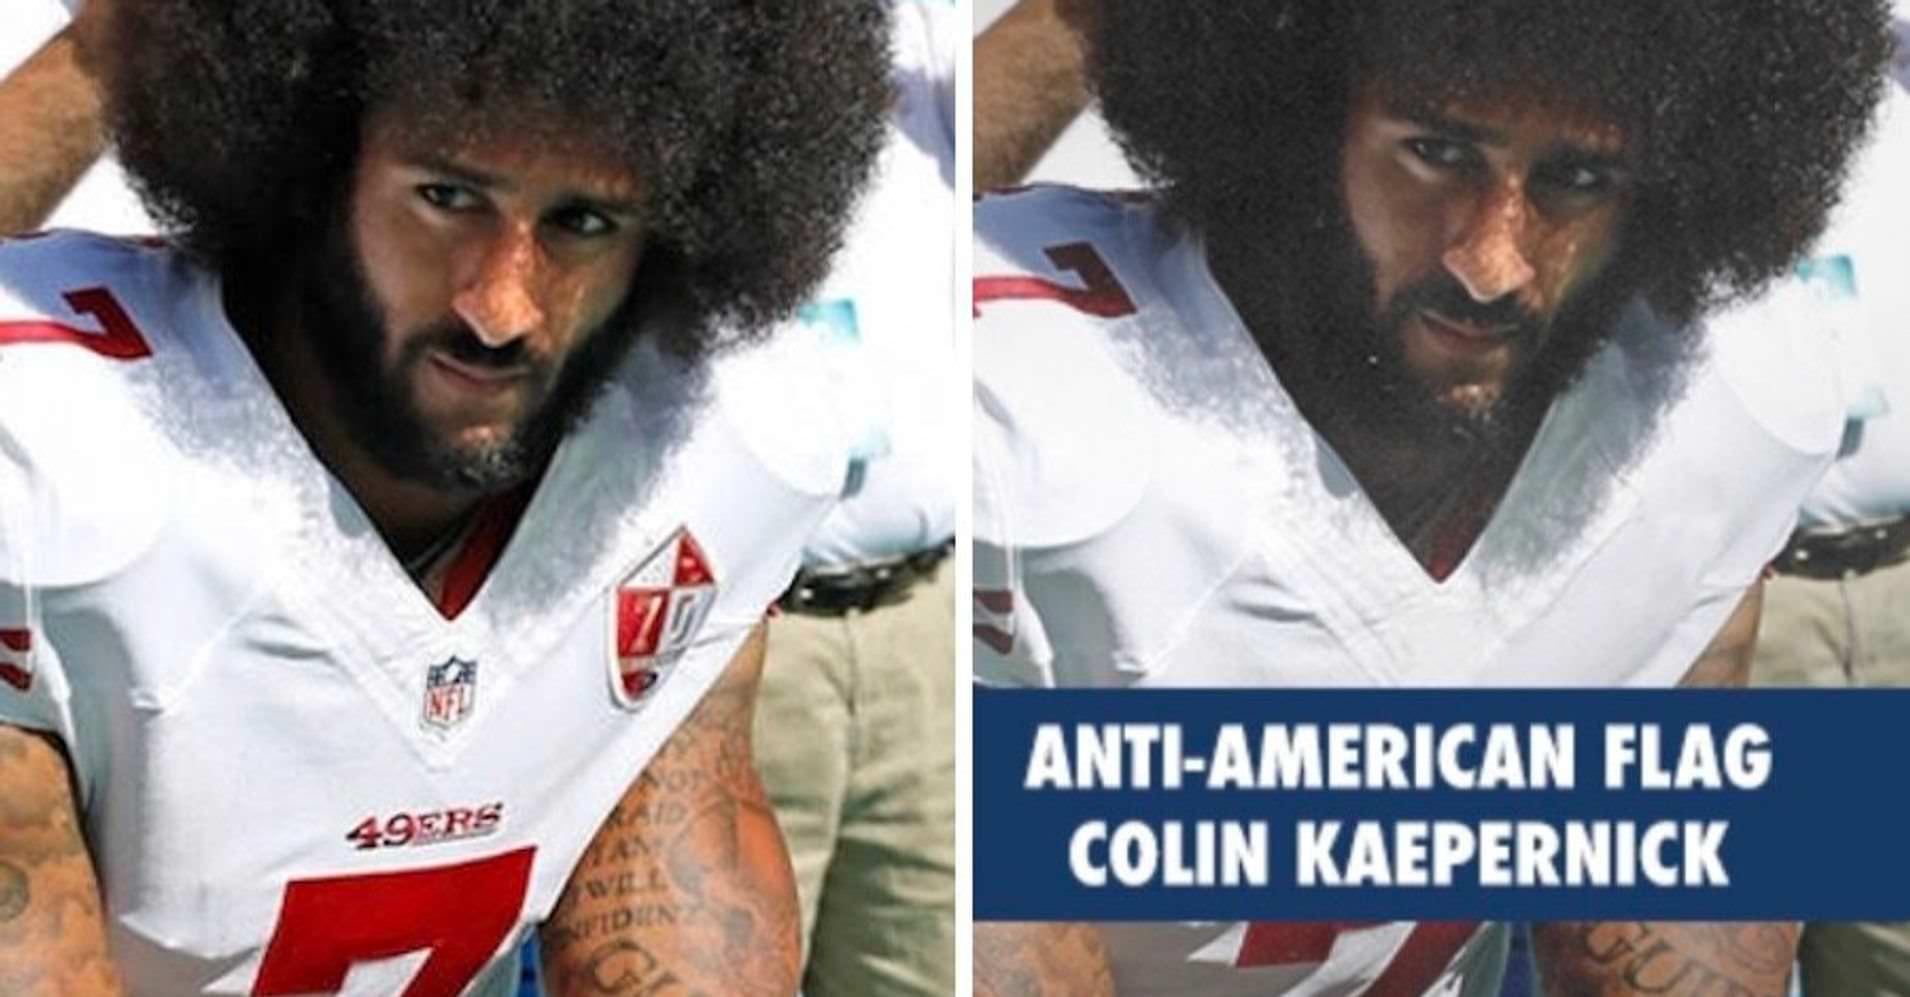 A pele de Colin Kaepernick aparece escurecida em um anúncio republicano de arrecadação de fundos